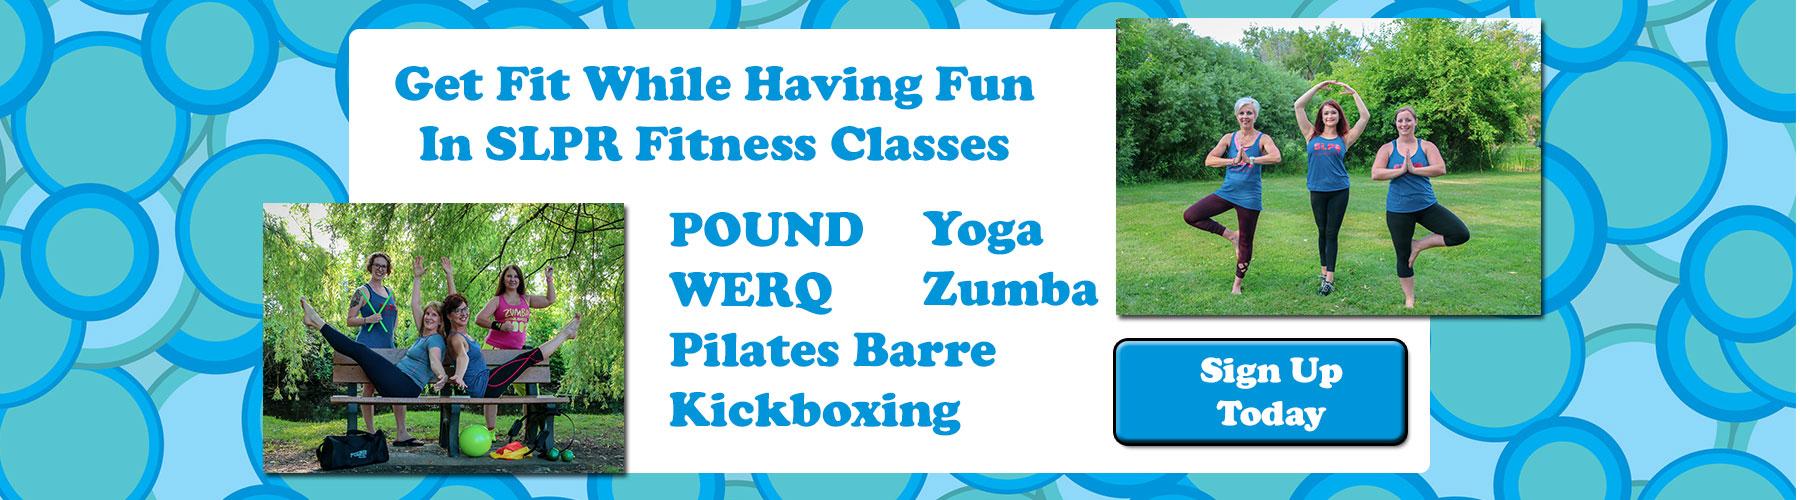 SLPR Fitness Programs